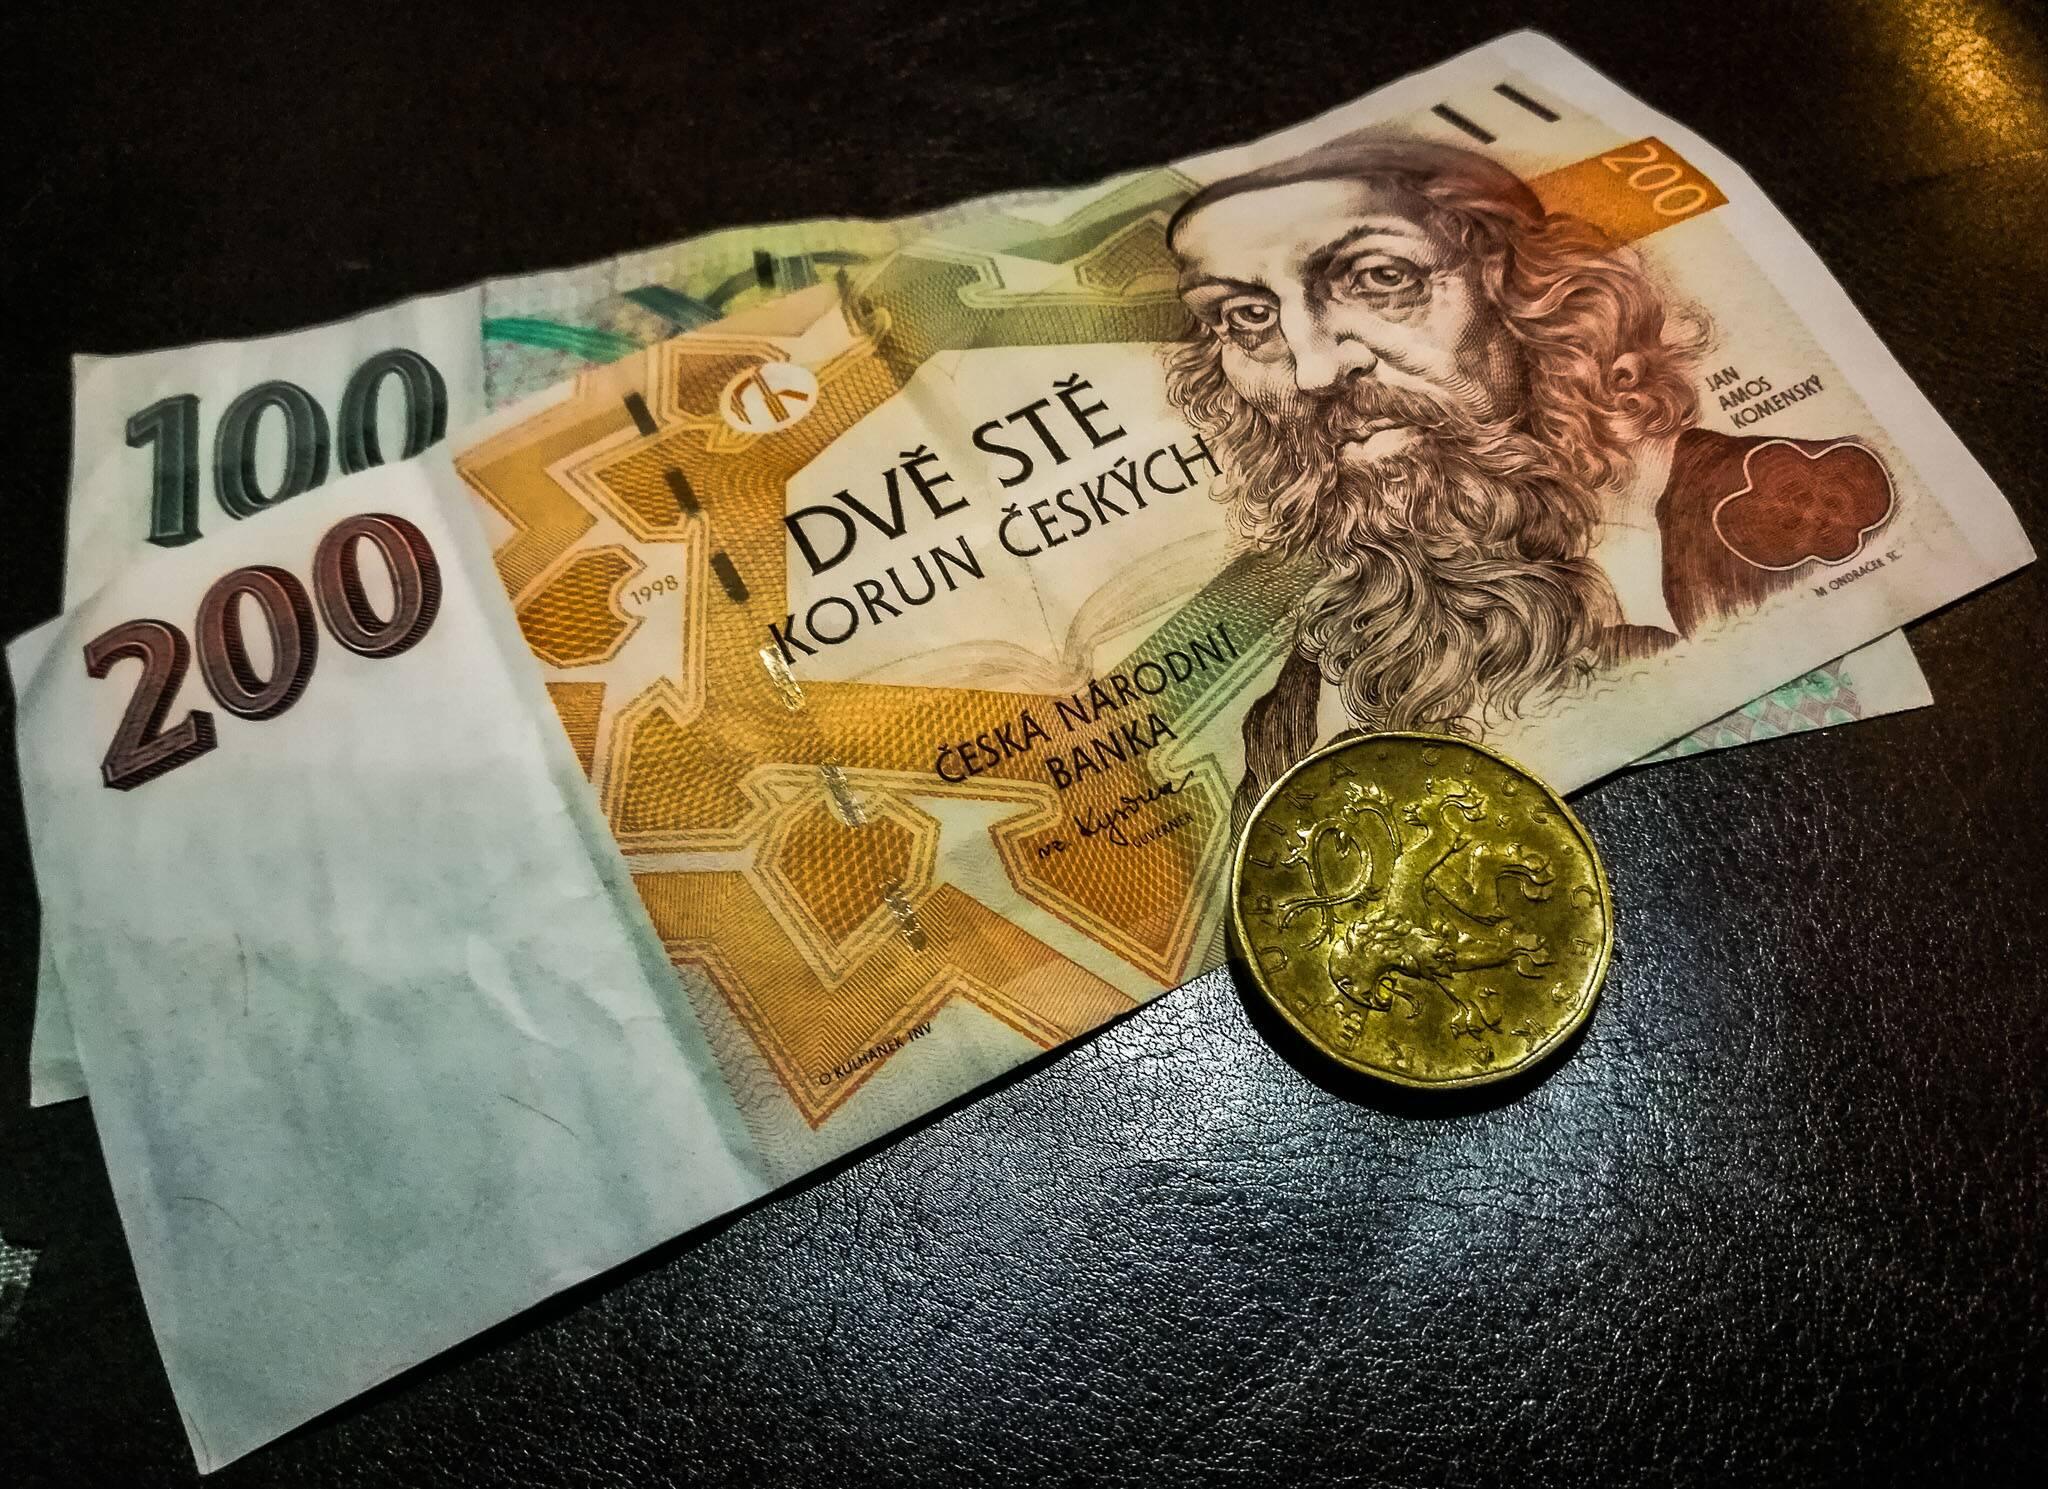 Dinheiro da República Tcheca - notas com valores altos no país da Europa